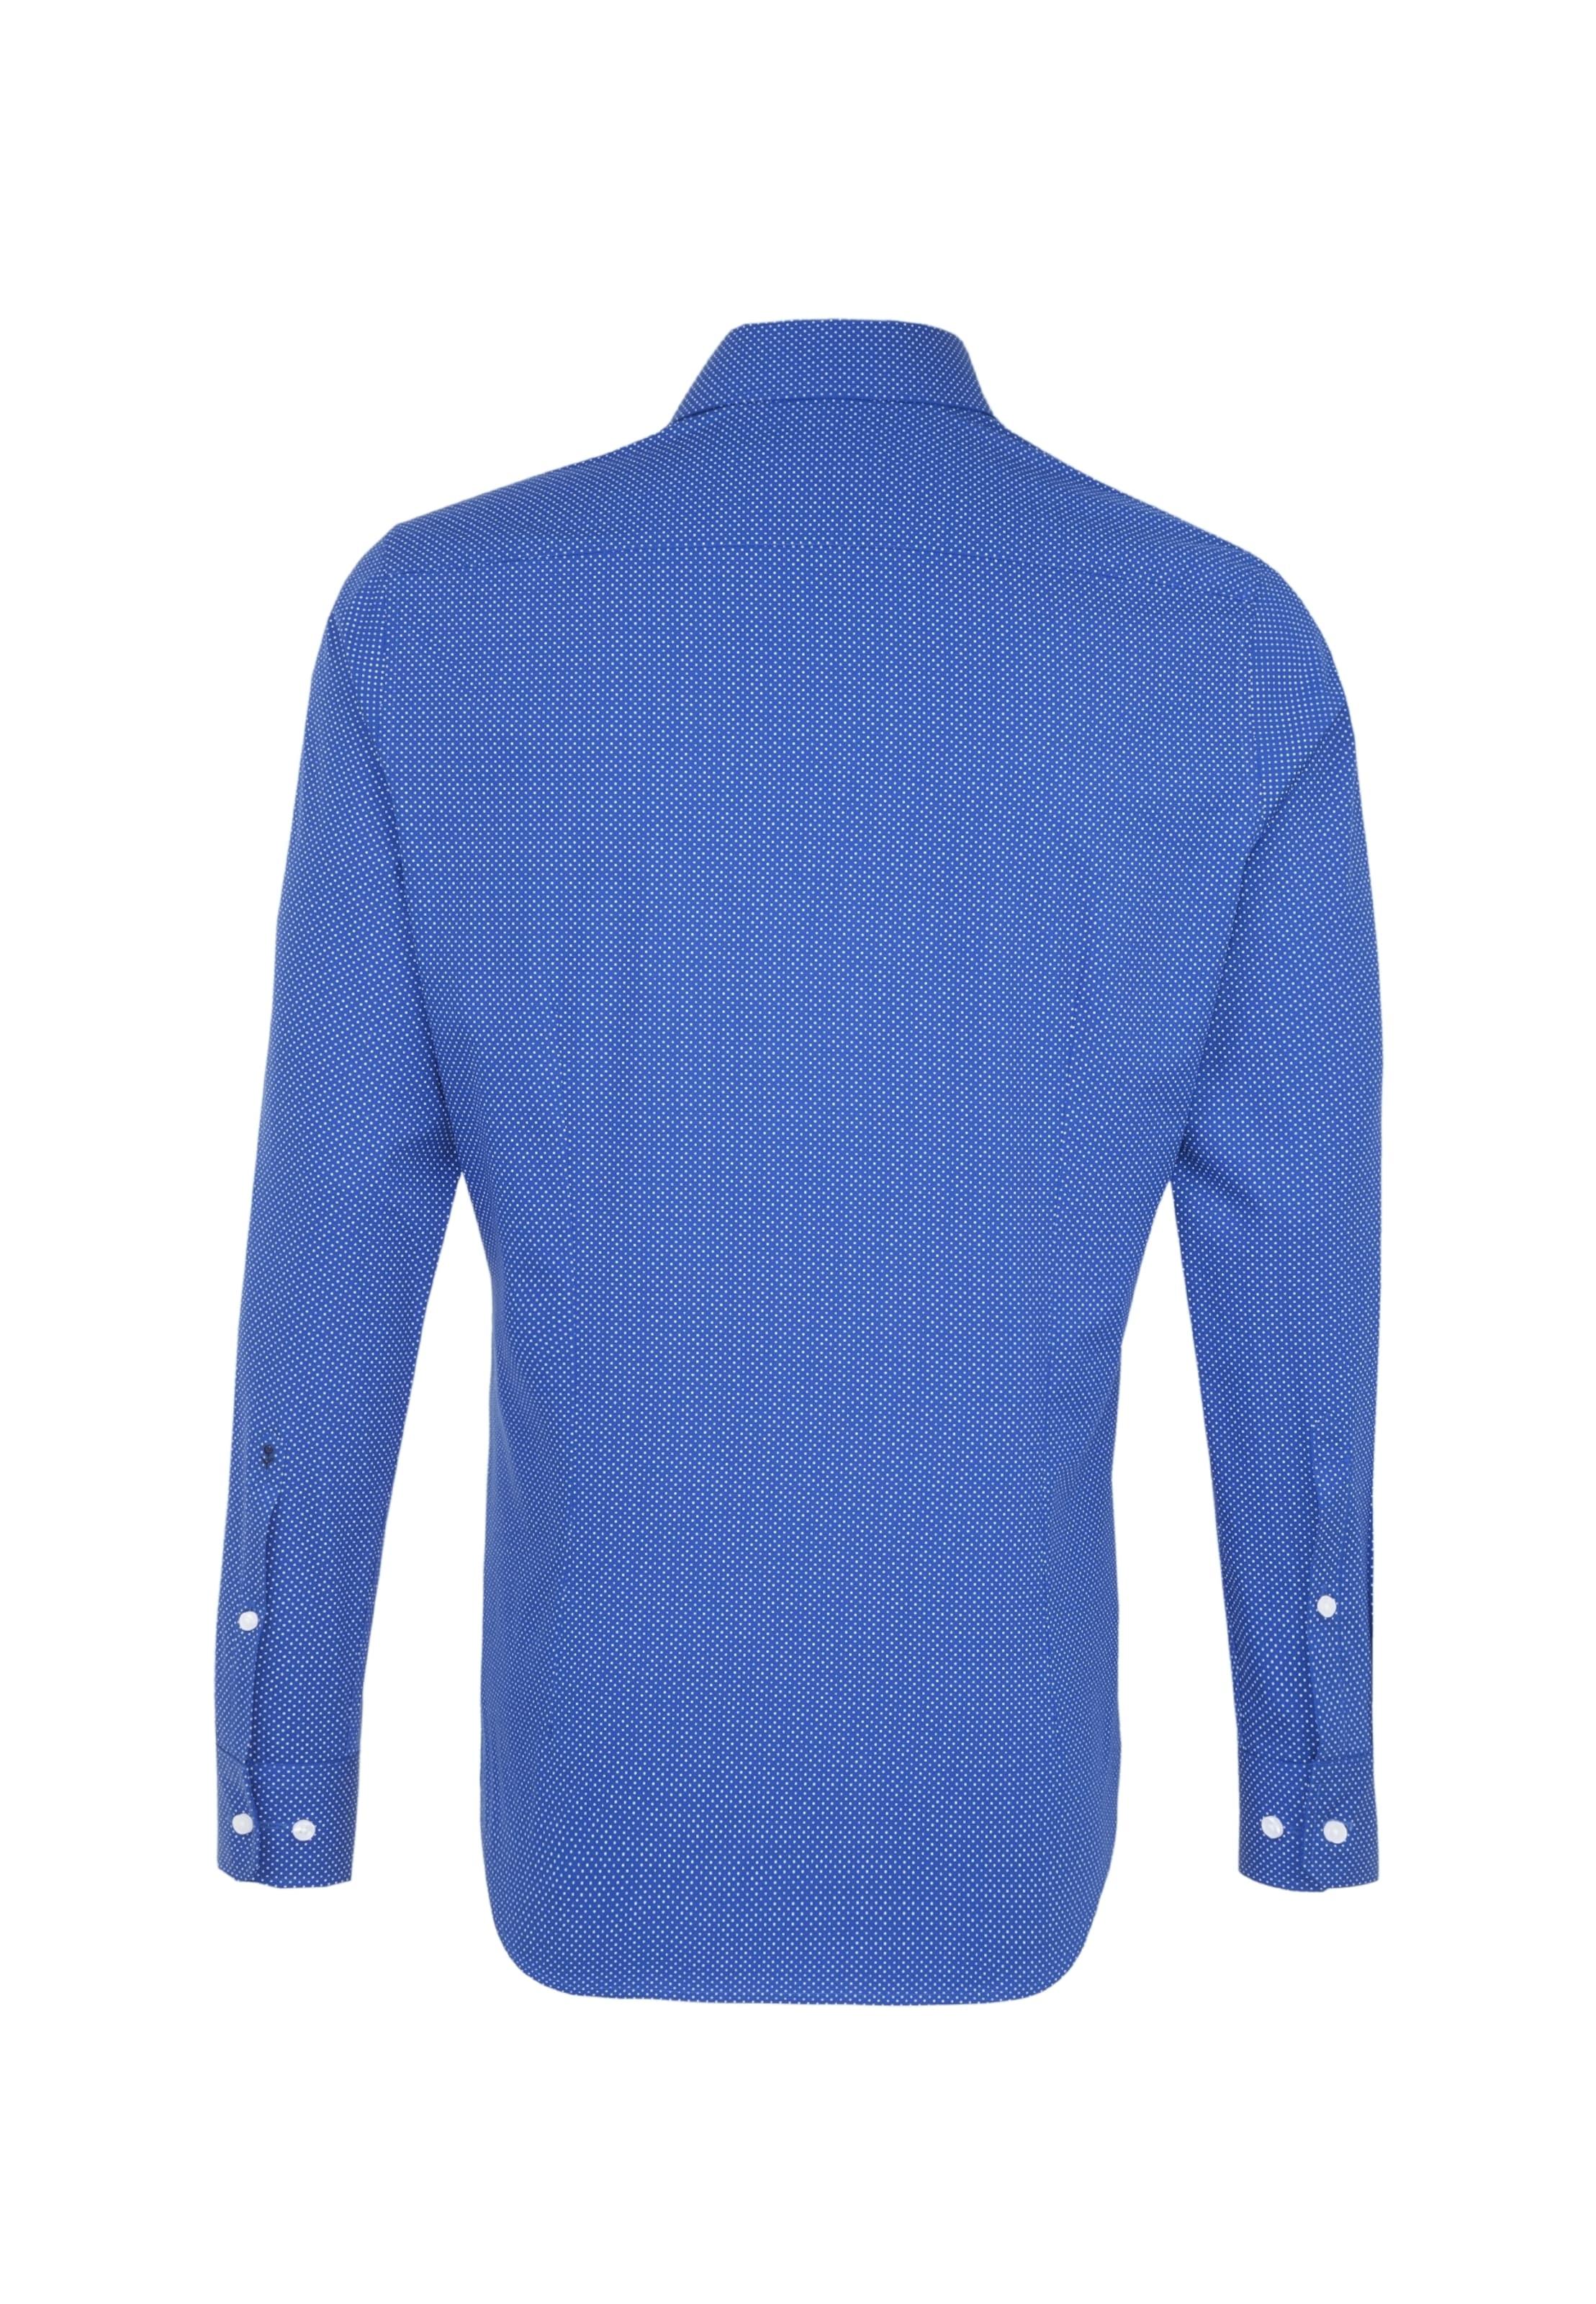 Seidensticker Seidensticker Hemd BlauWeiß In Hemd In zMLGjVpSUq